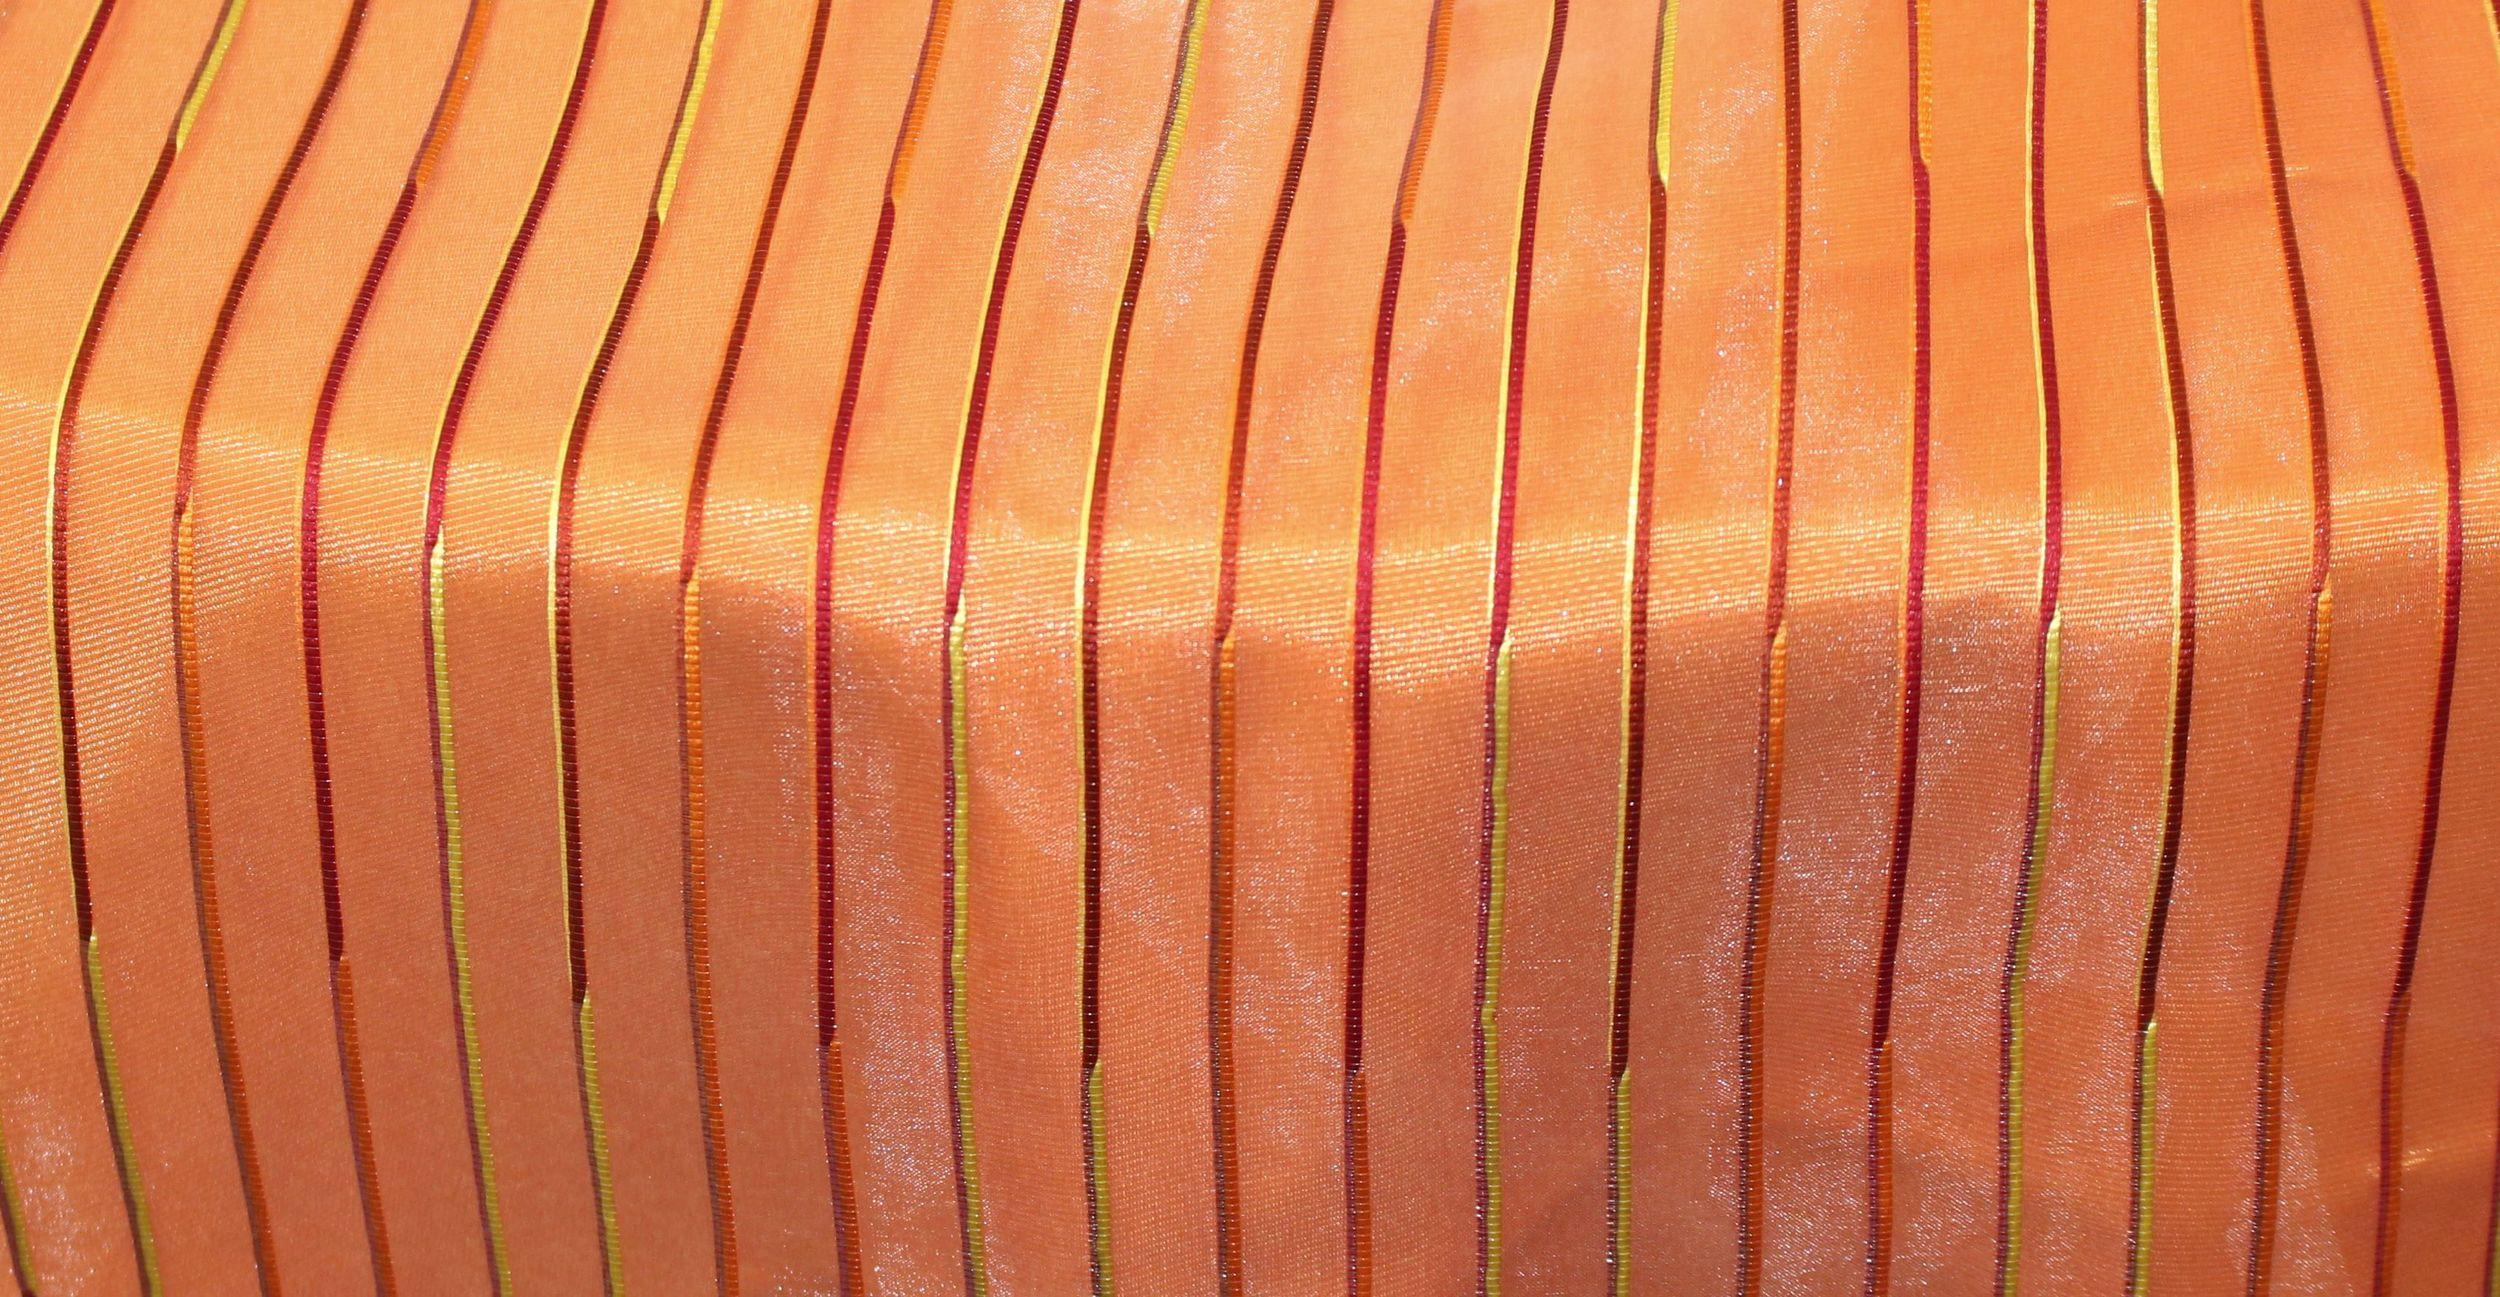 Sheer Top Hat Overlay over Orange Bengaline